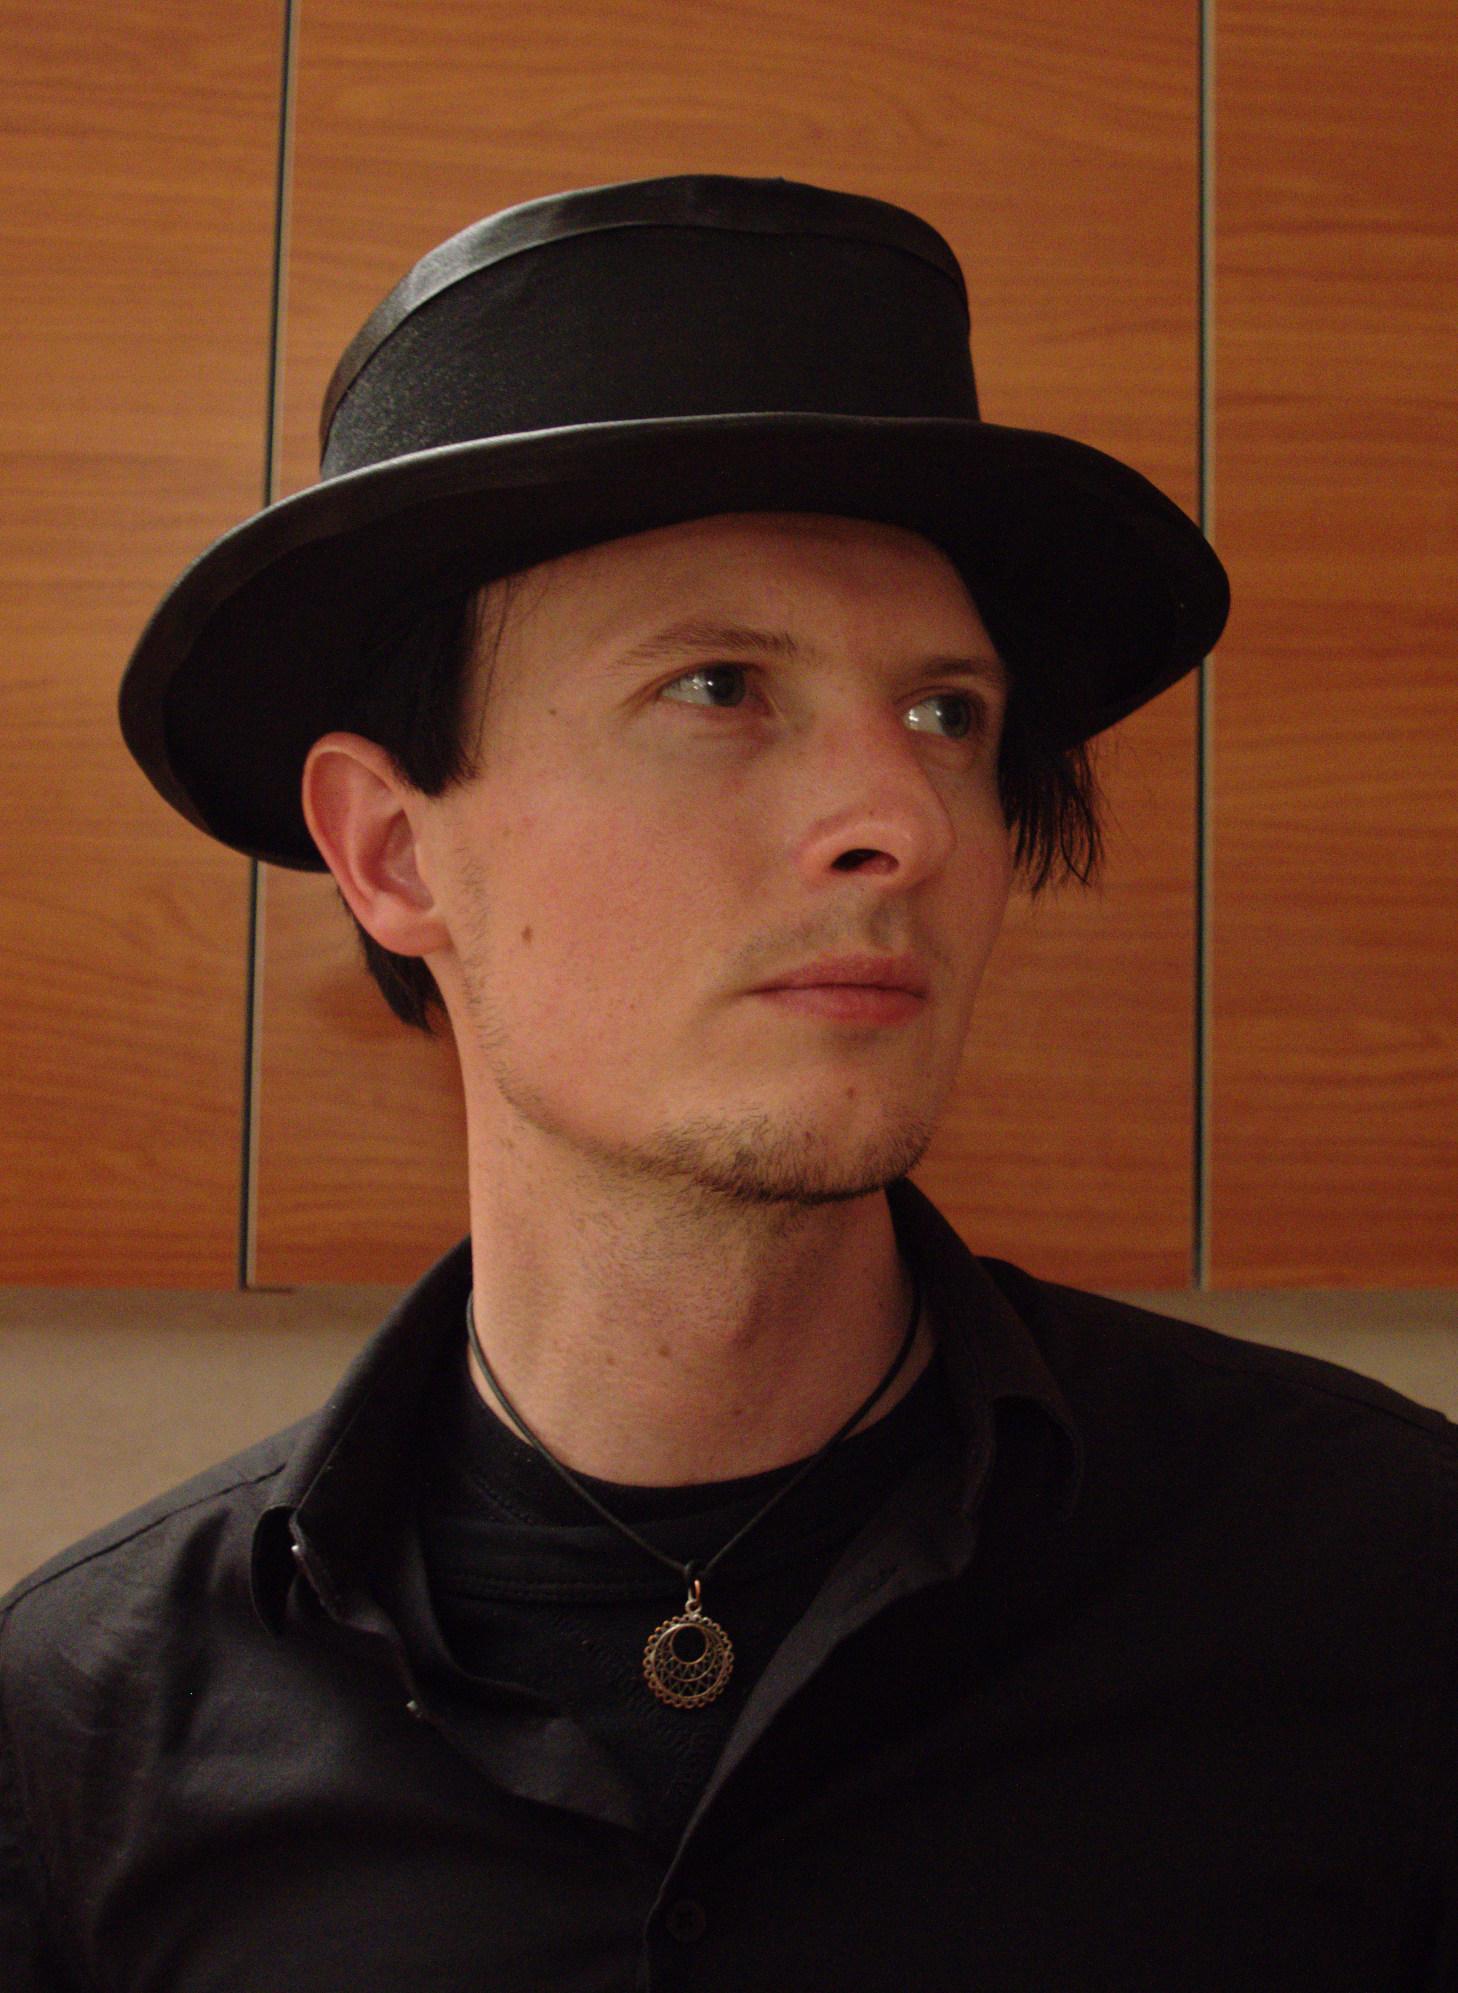 hat_11